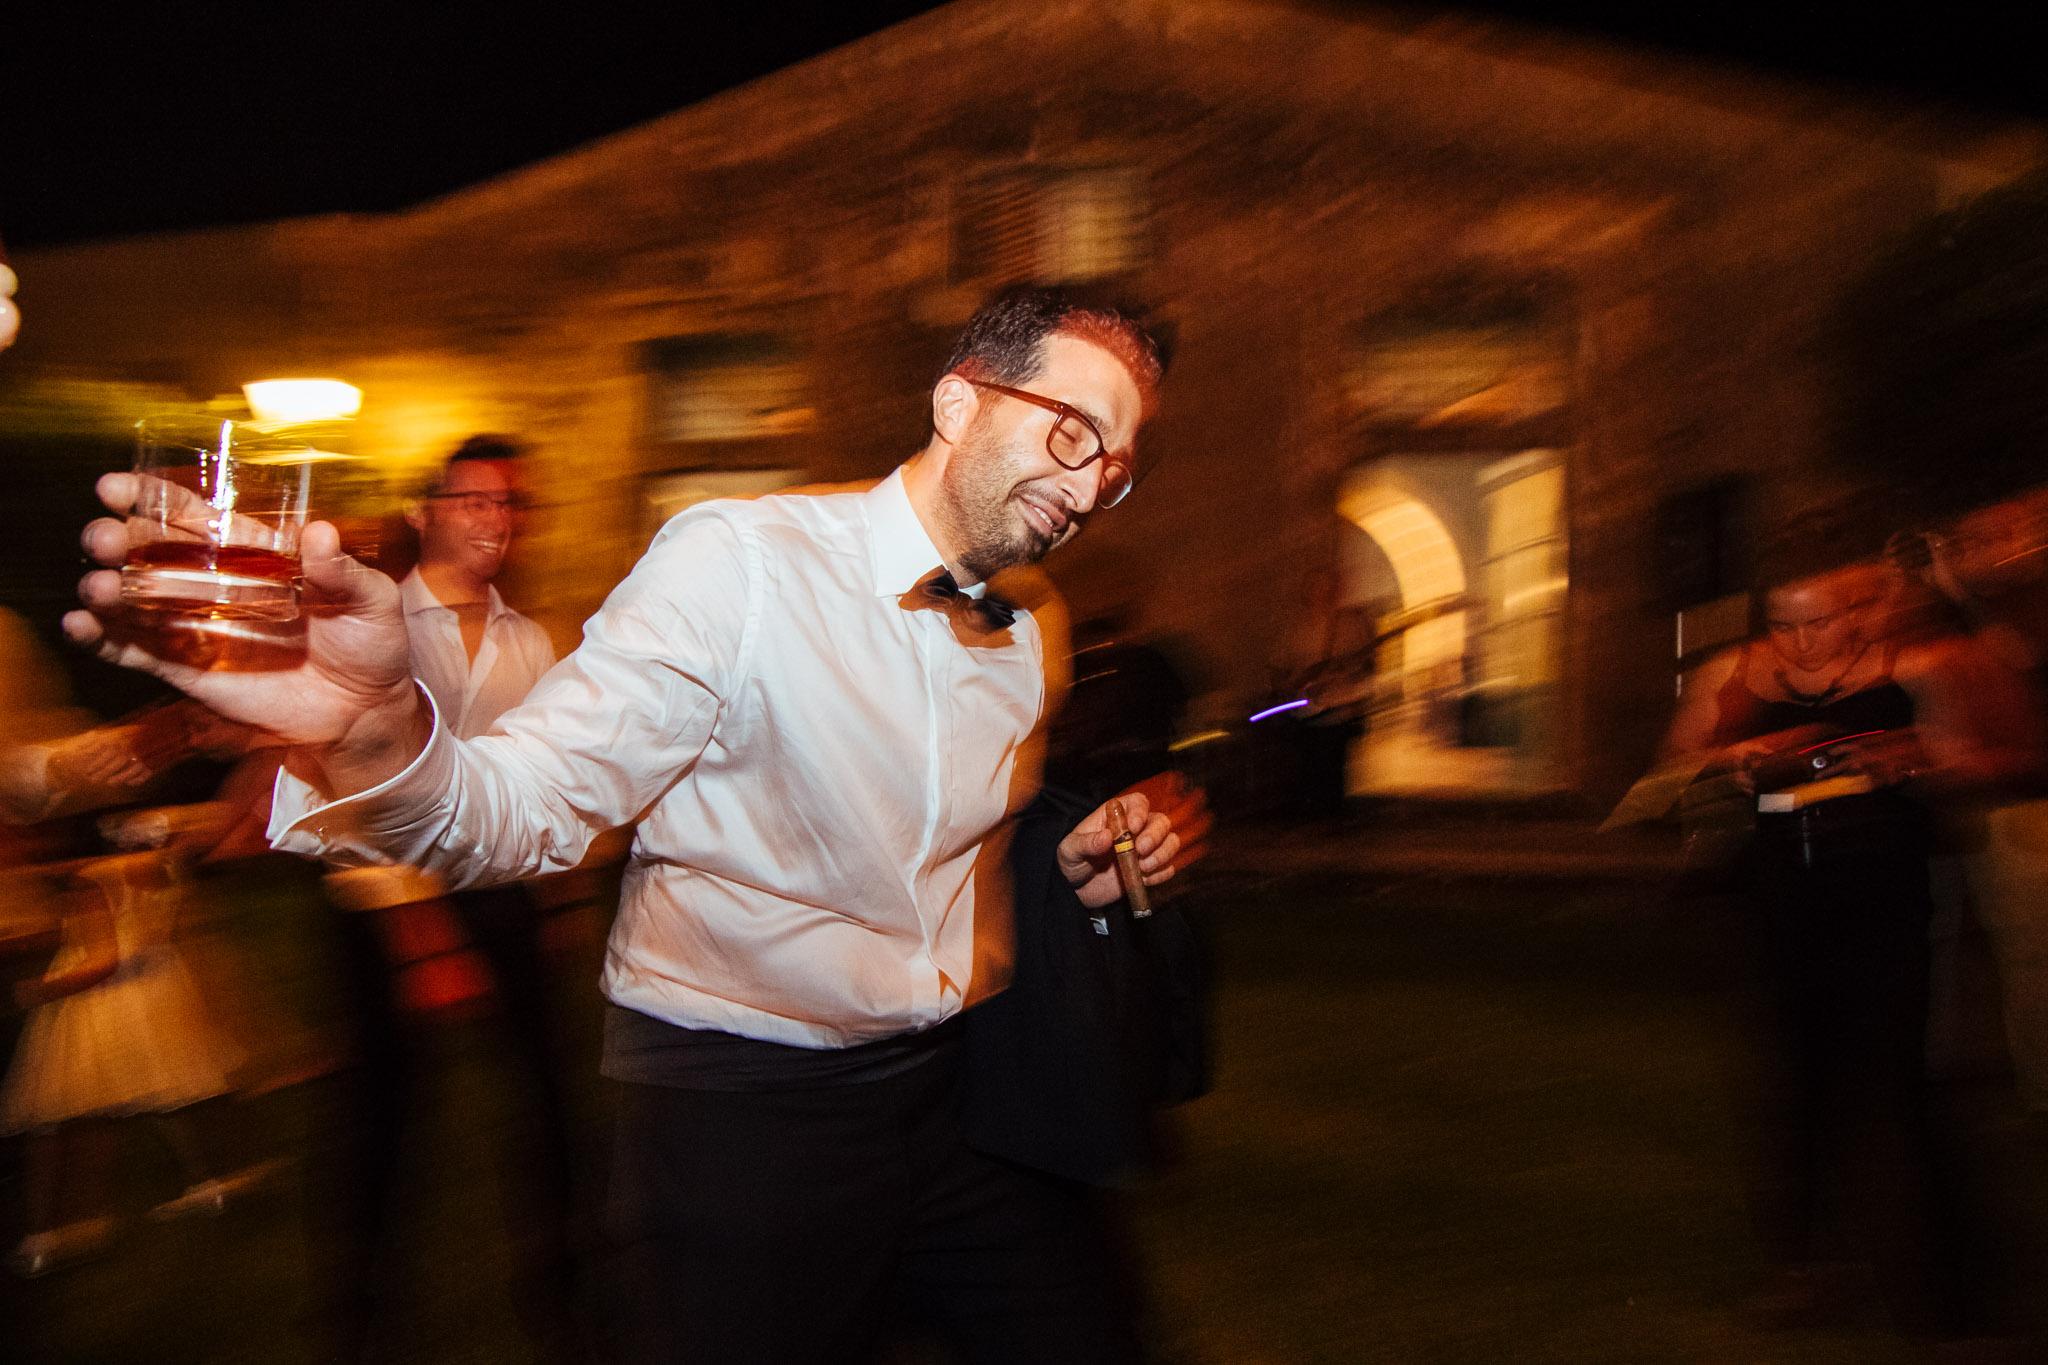 wedding-in-SYRACUSE-67.jpg